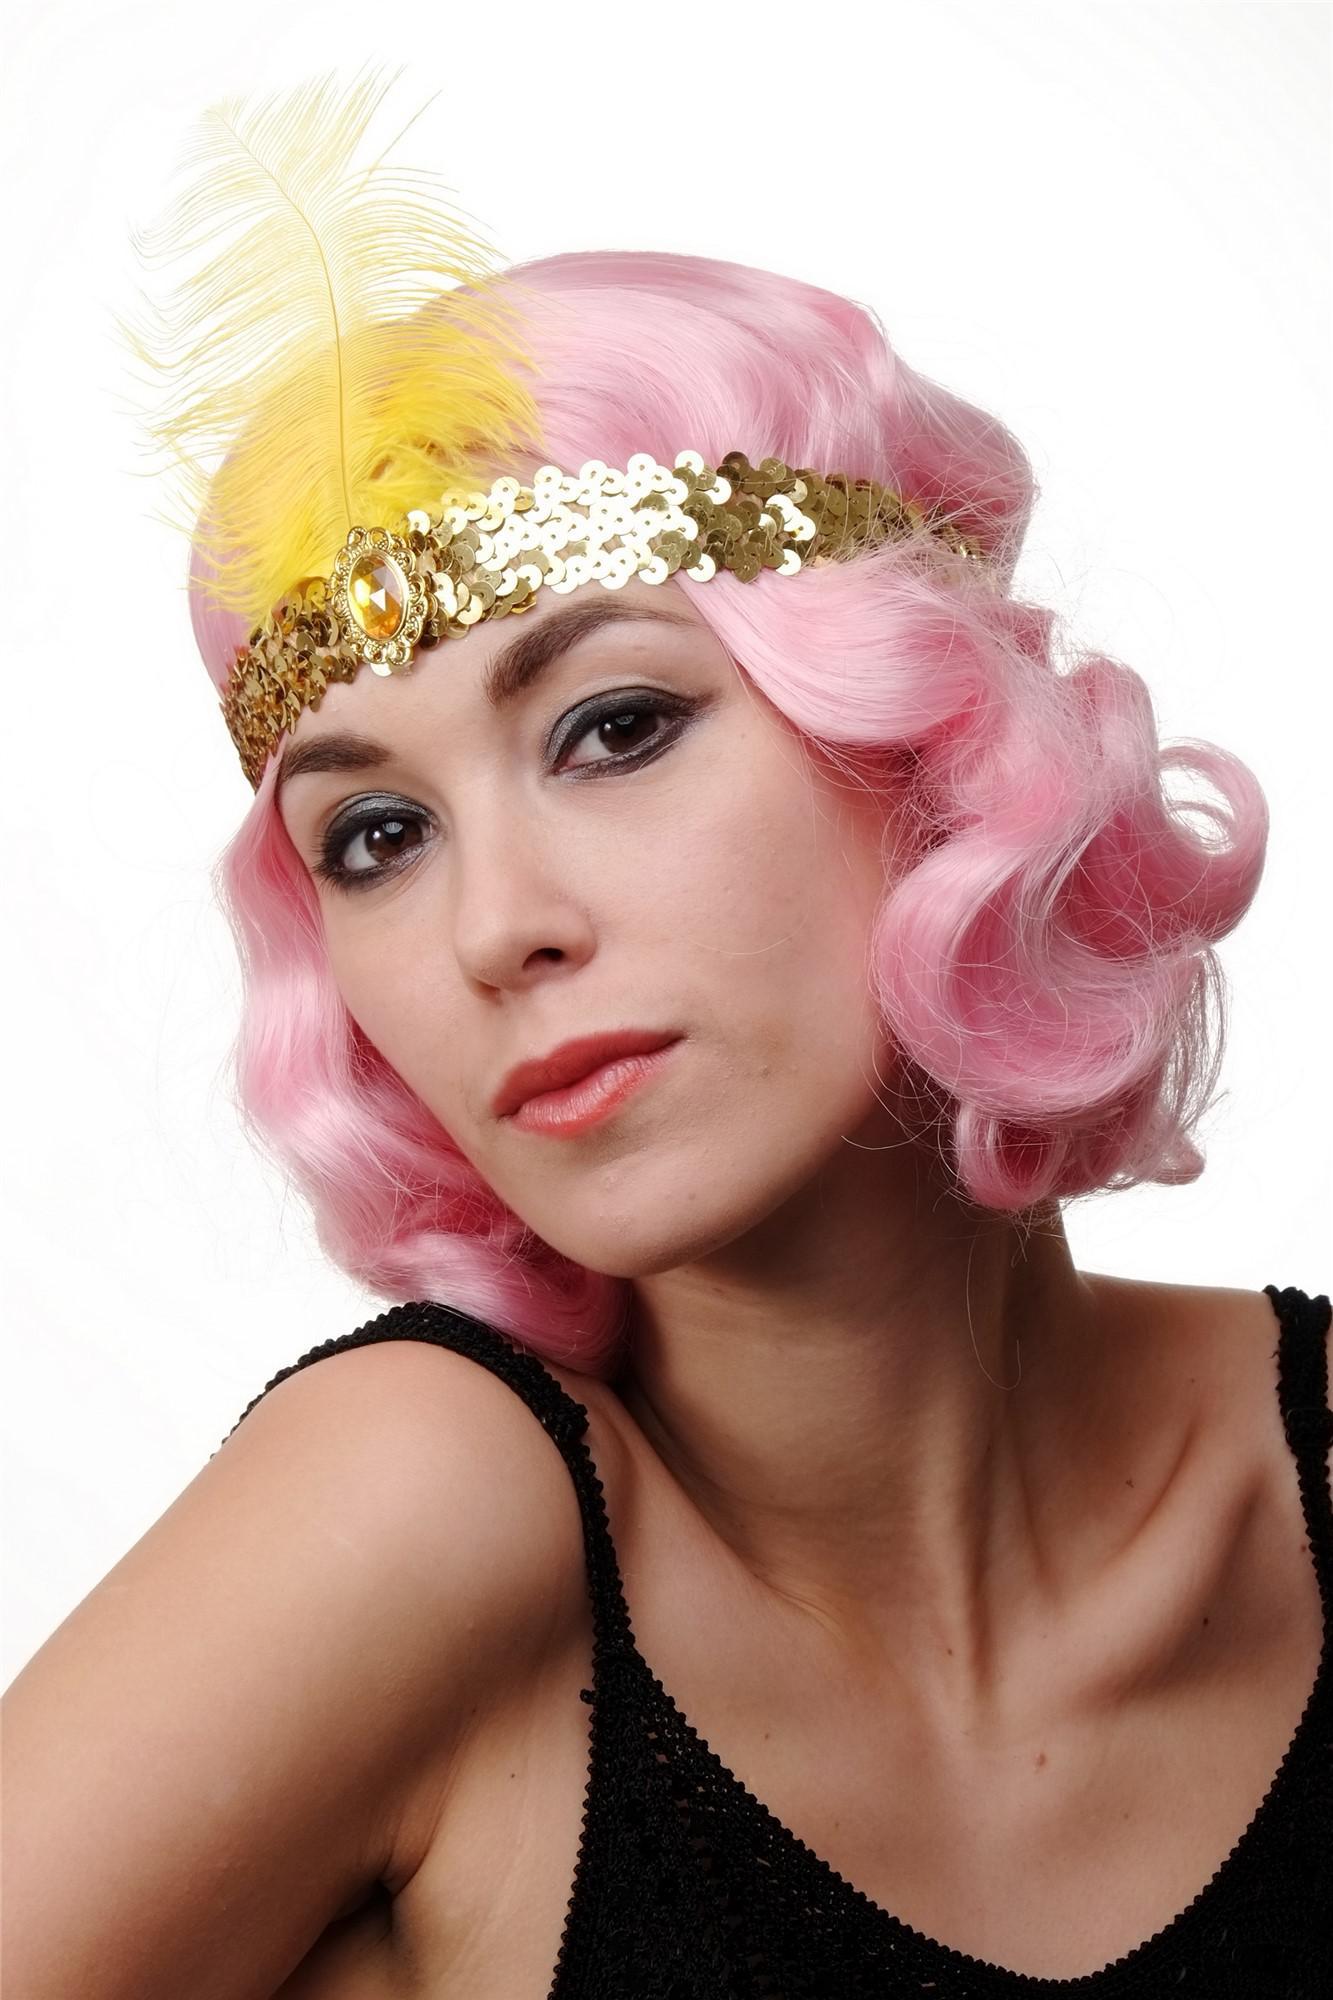 offizieller Shop billiger Super günstig Haarband Haarreif Stirnreif Pailletten gold Charleston 20er Cabaret  VQ-006-Gold